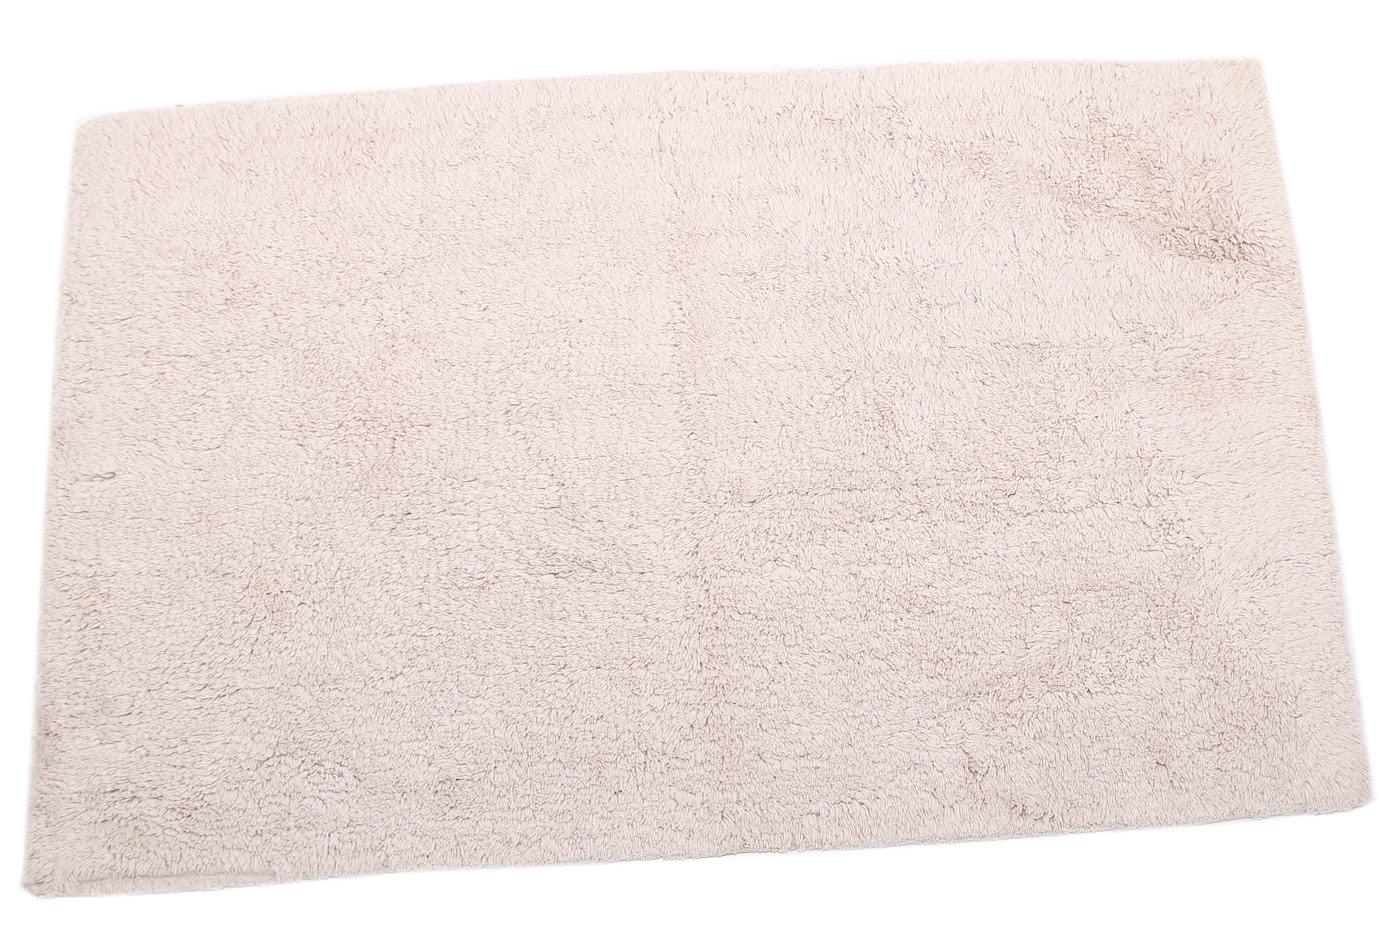 Коврики для ванной и туалета Ганг Коврик для ванной Delante Цвет: Бежевый (50х80 см) аксессуары для ванной и туалета white clean коврик для ванной africa 50х80 см